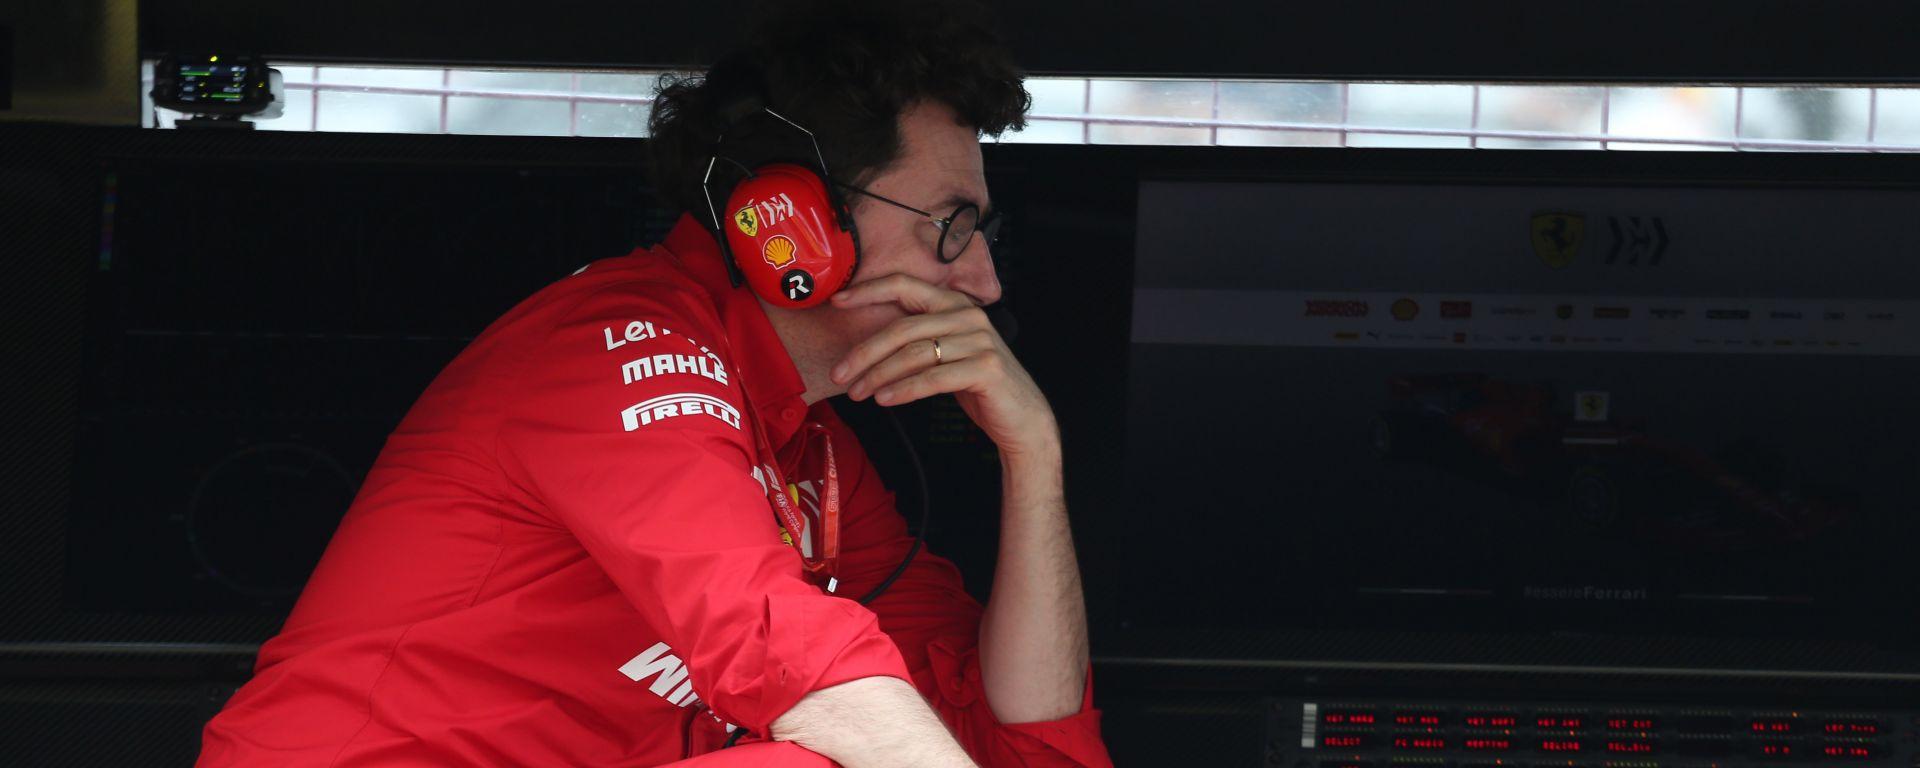 F1, GP Messico 2019: Mattia Binotto (Ferrari)